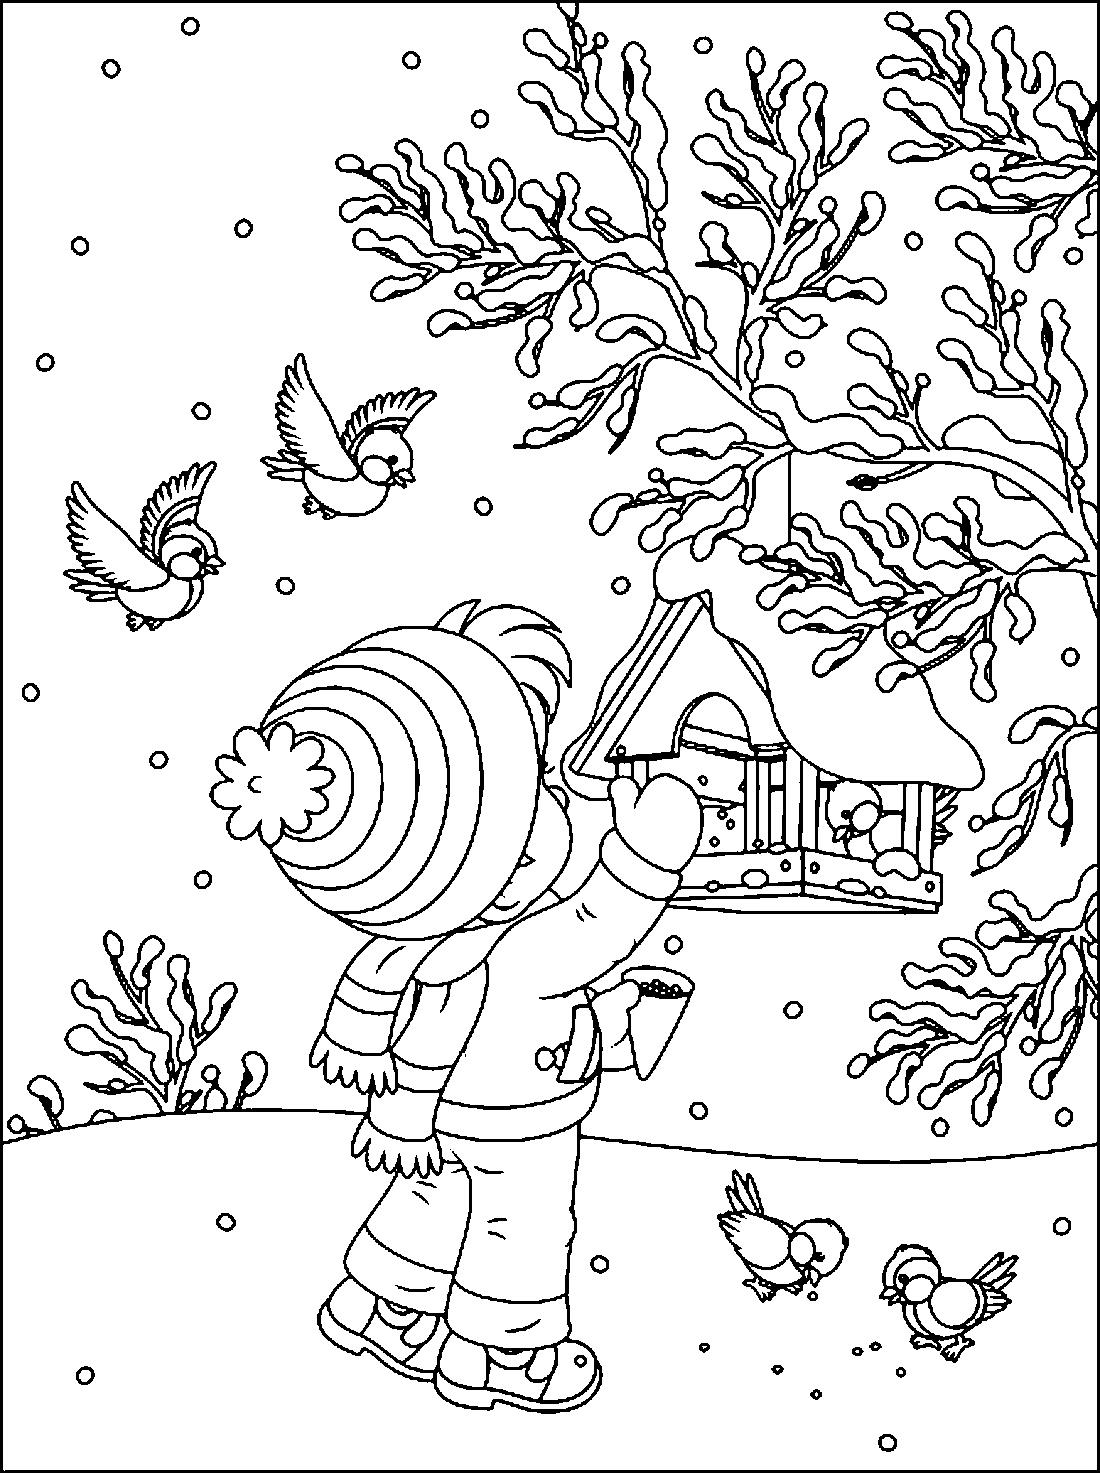 синички и ребенок раскраска 2316 Printonic Ru